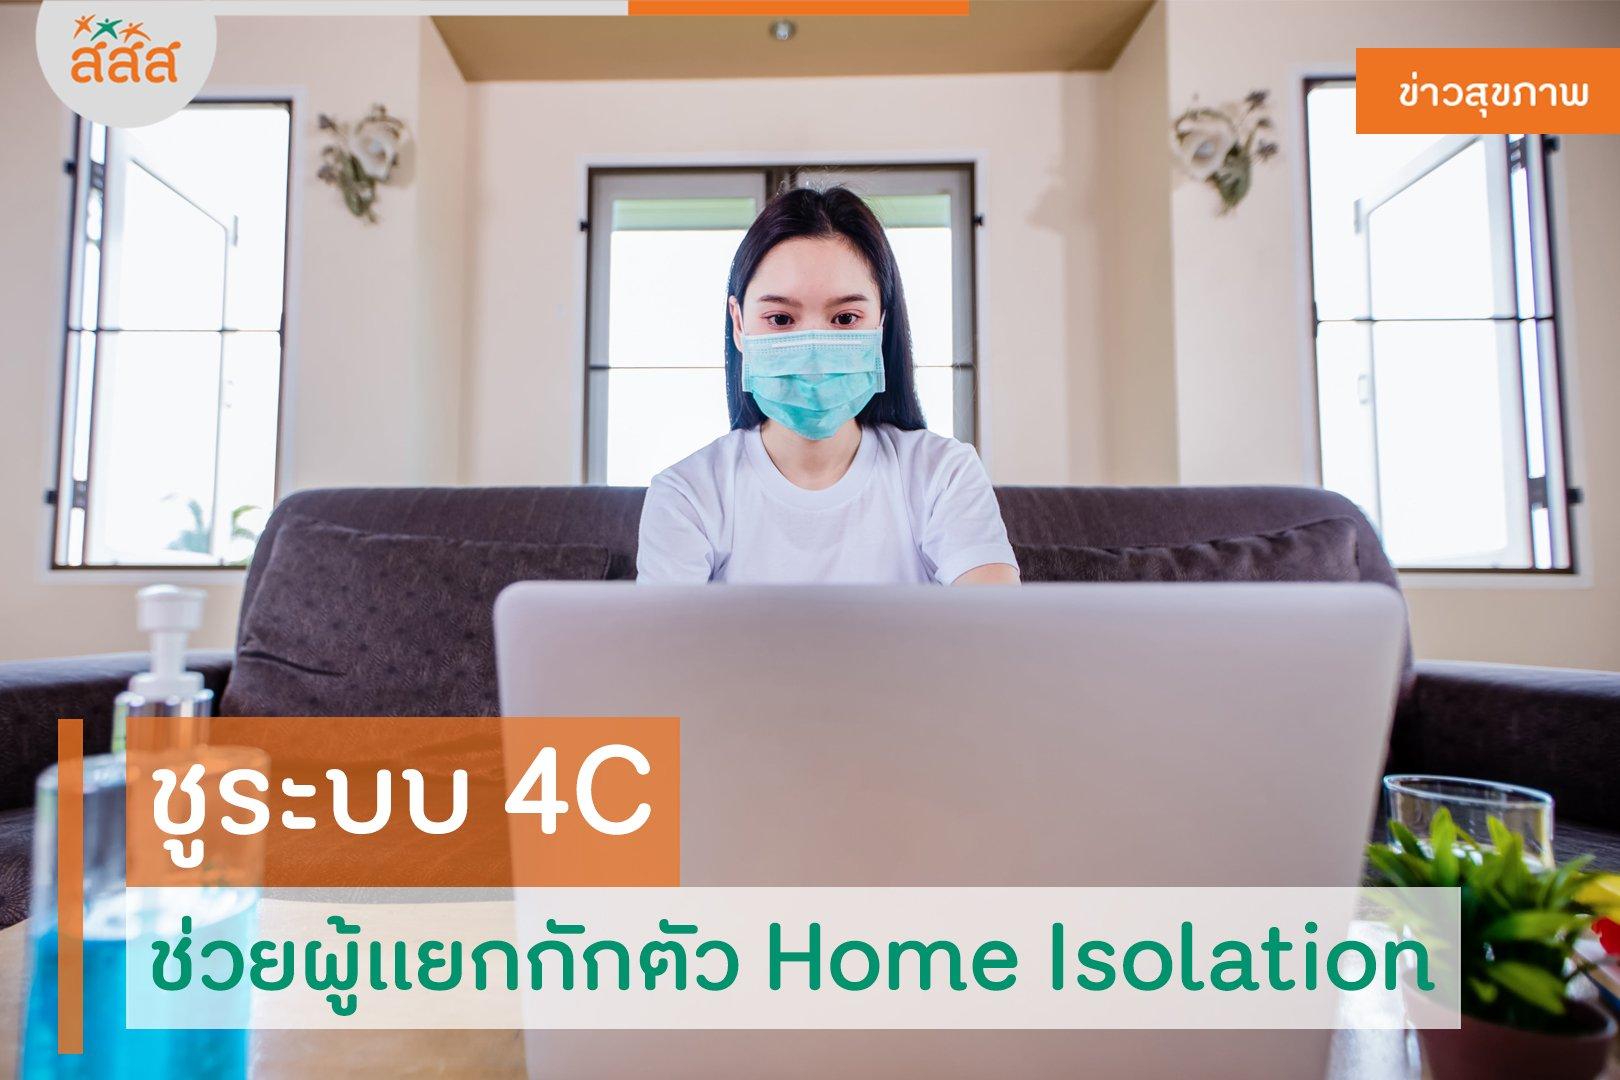 ชูระบบ 4C ช่วยผู้แยกกักตัว Home Isolation thaihealth